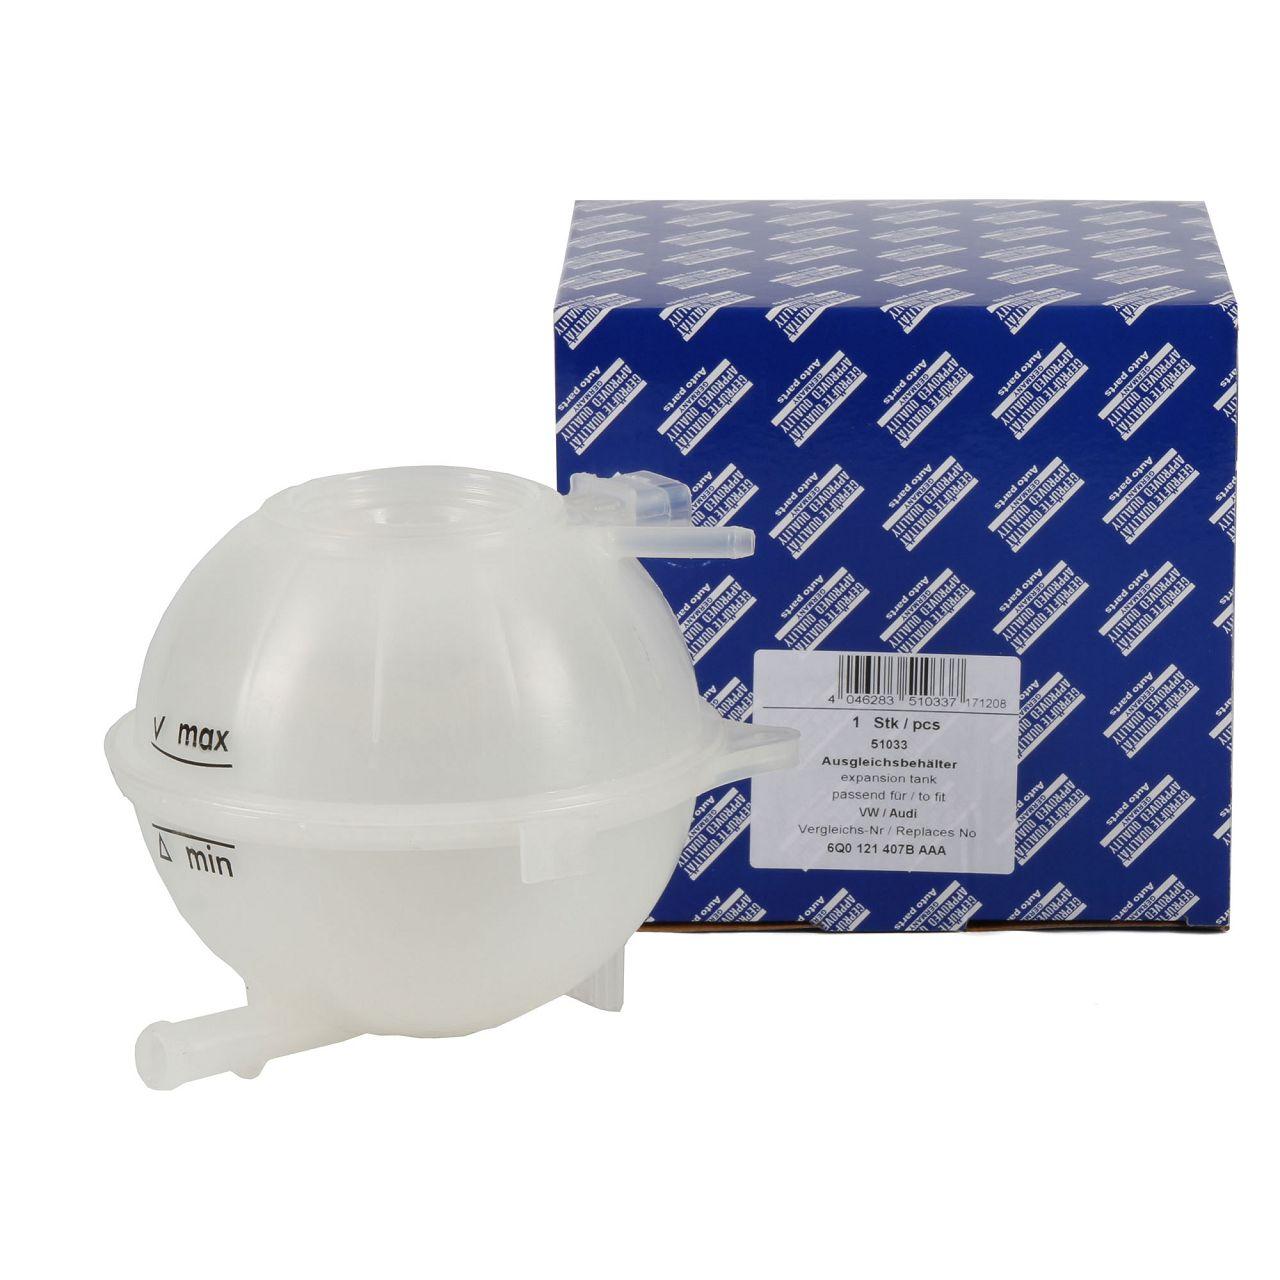 AIC Ausgleichsbehälter Kühlwasser für AUDI A1 SEAT IBIZA SKODA FABIA VW POLO